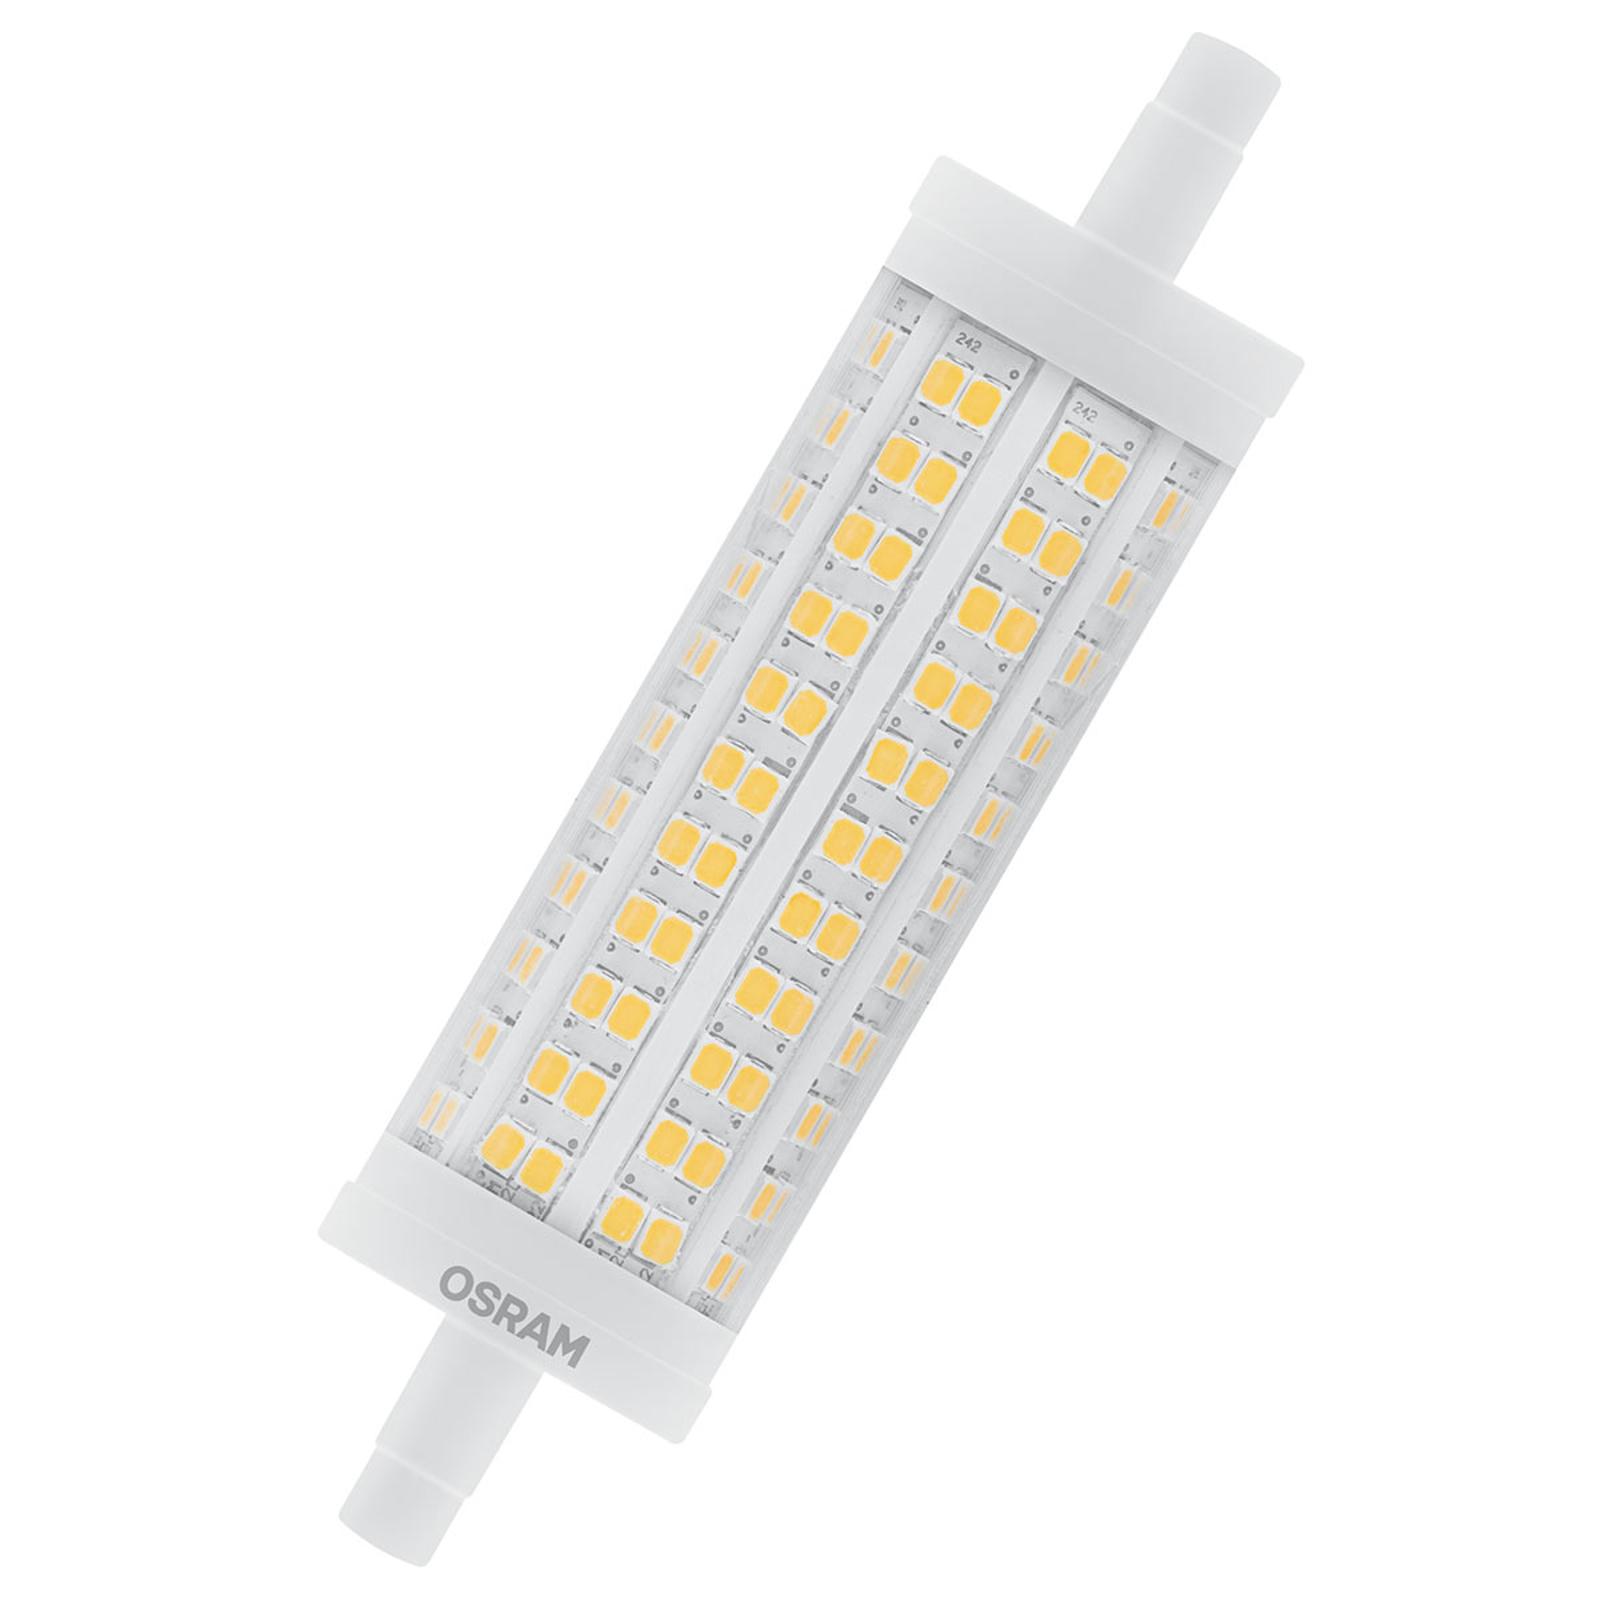 OSRAM LED-Stablampe R7s 17,5W warmweiß, 2.452 lm